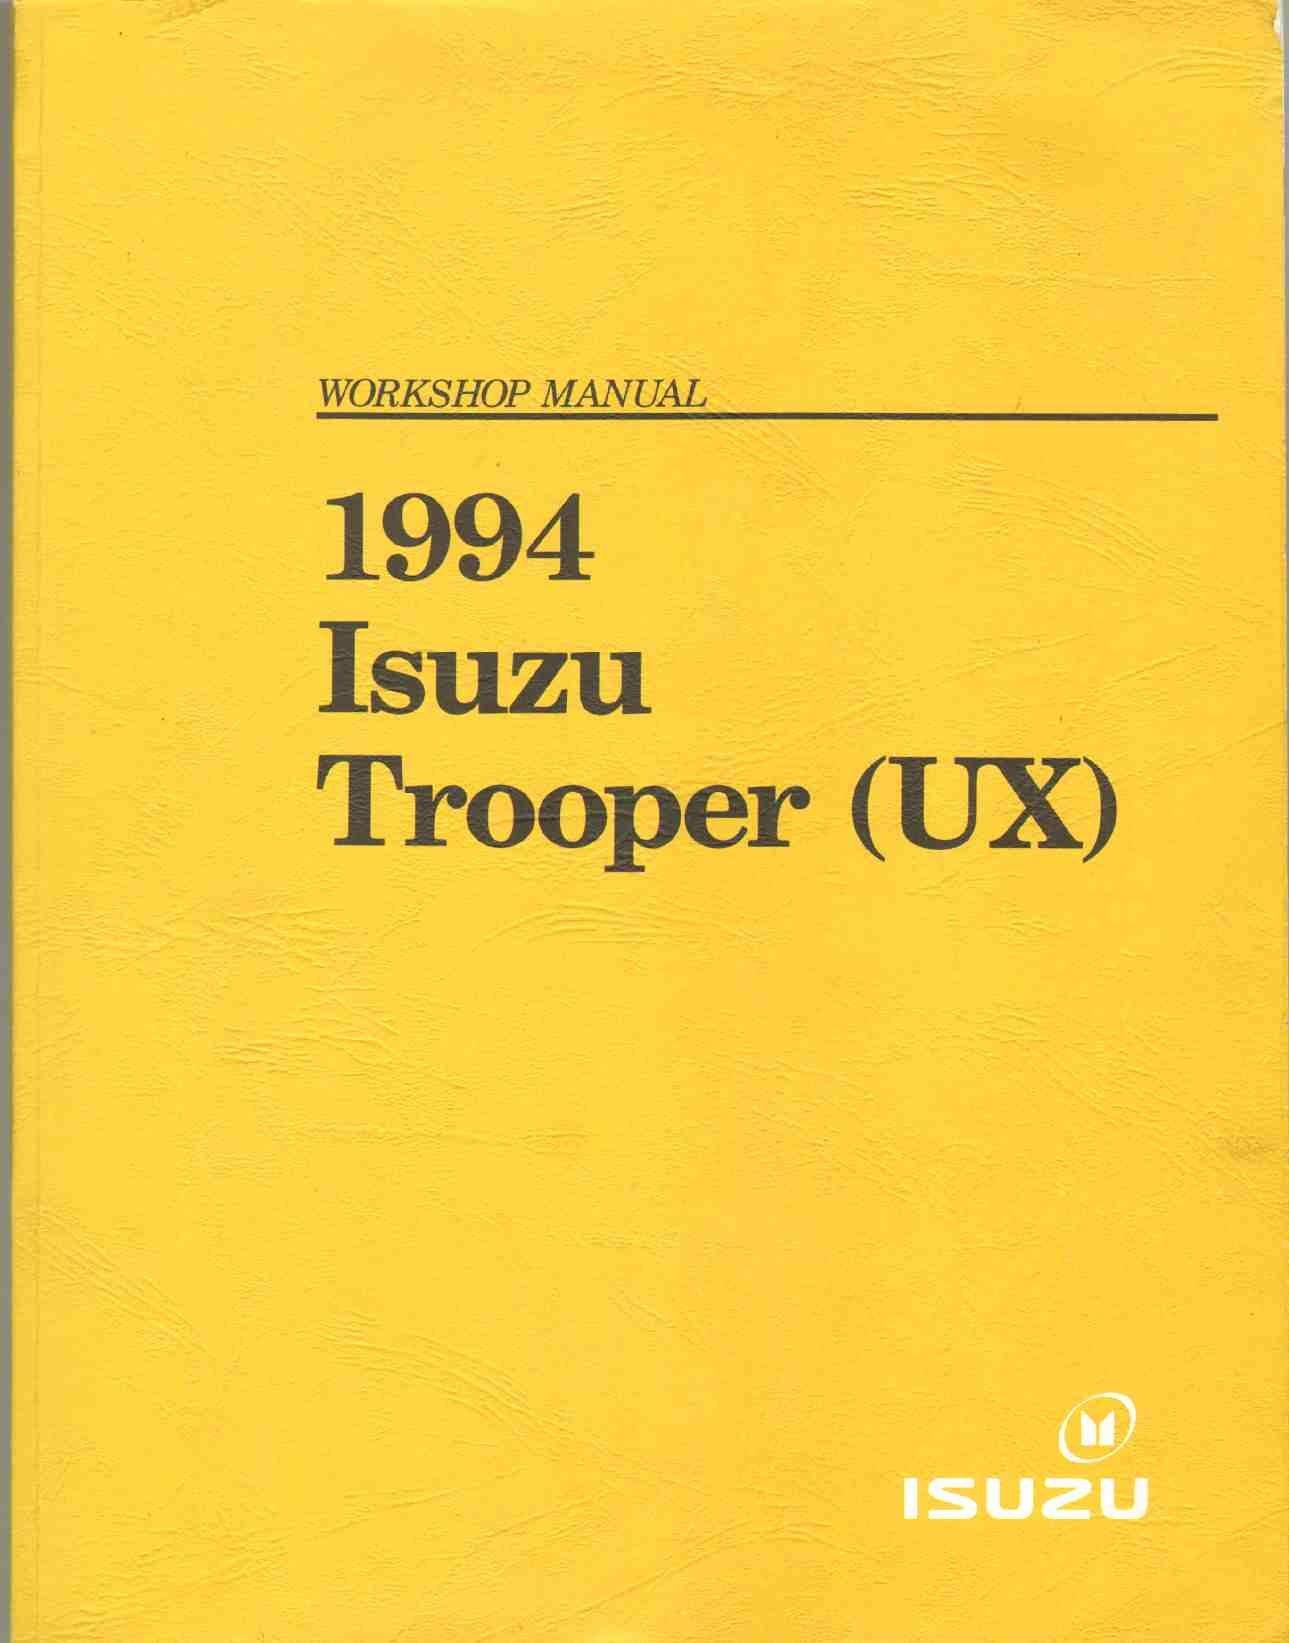 1994 isuzu trooper ux workshop manual isuzu amazon com books rh amazon com 1993 isuzu bighorn workshop manual isuzu bighorn workshop manual free download